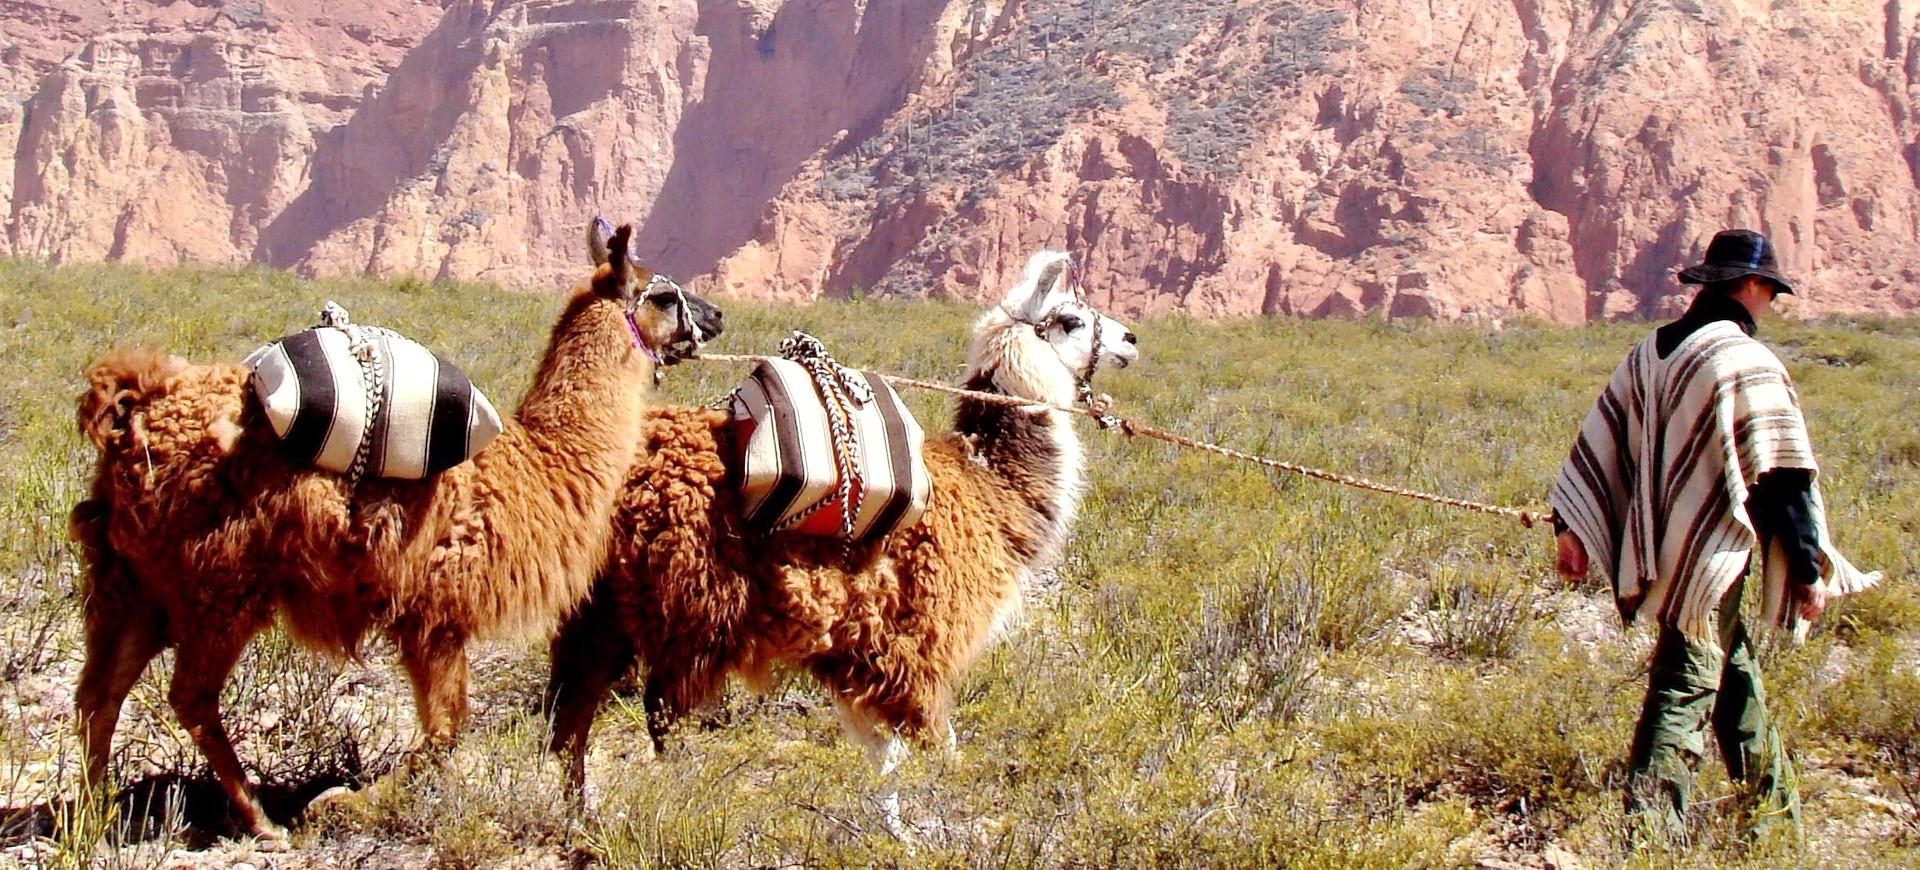 Nos voyages et séjours en Amérique du Sud